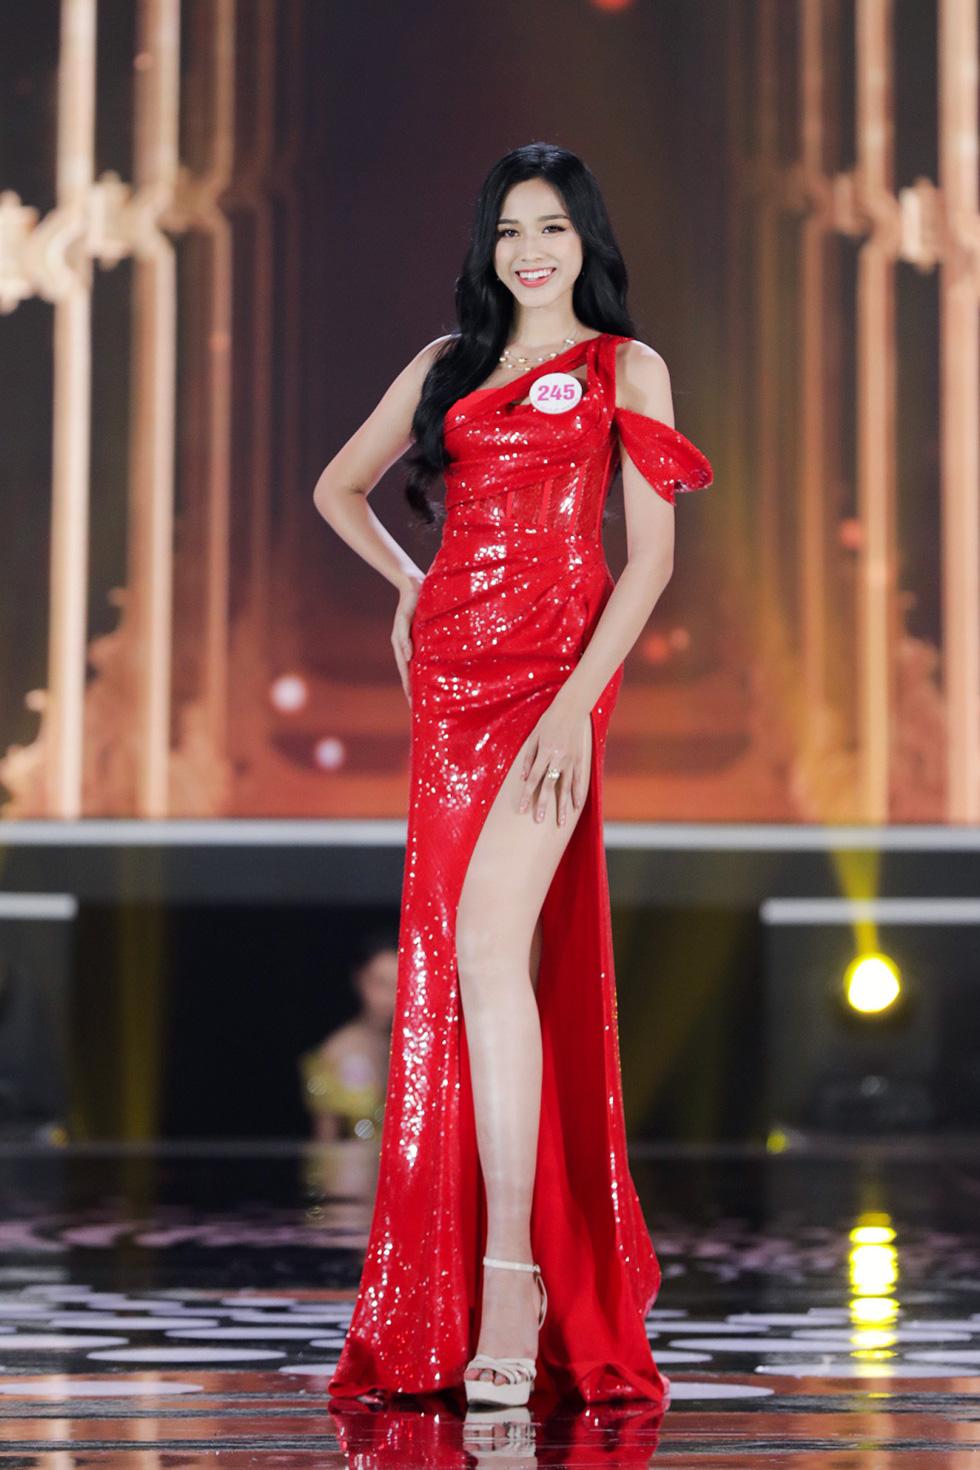 Đỗ Thị Hà đoạt vương miện Một thập kỷ nhan sắc - Hoa hậu Việt Nam 2020 - Ảnh 1.